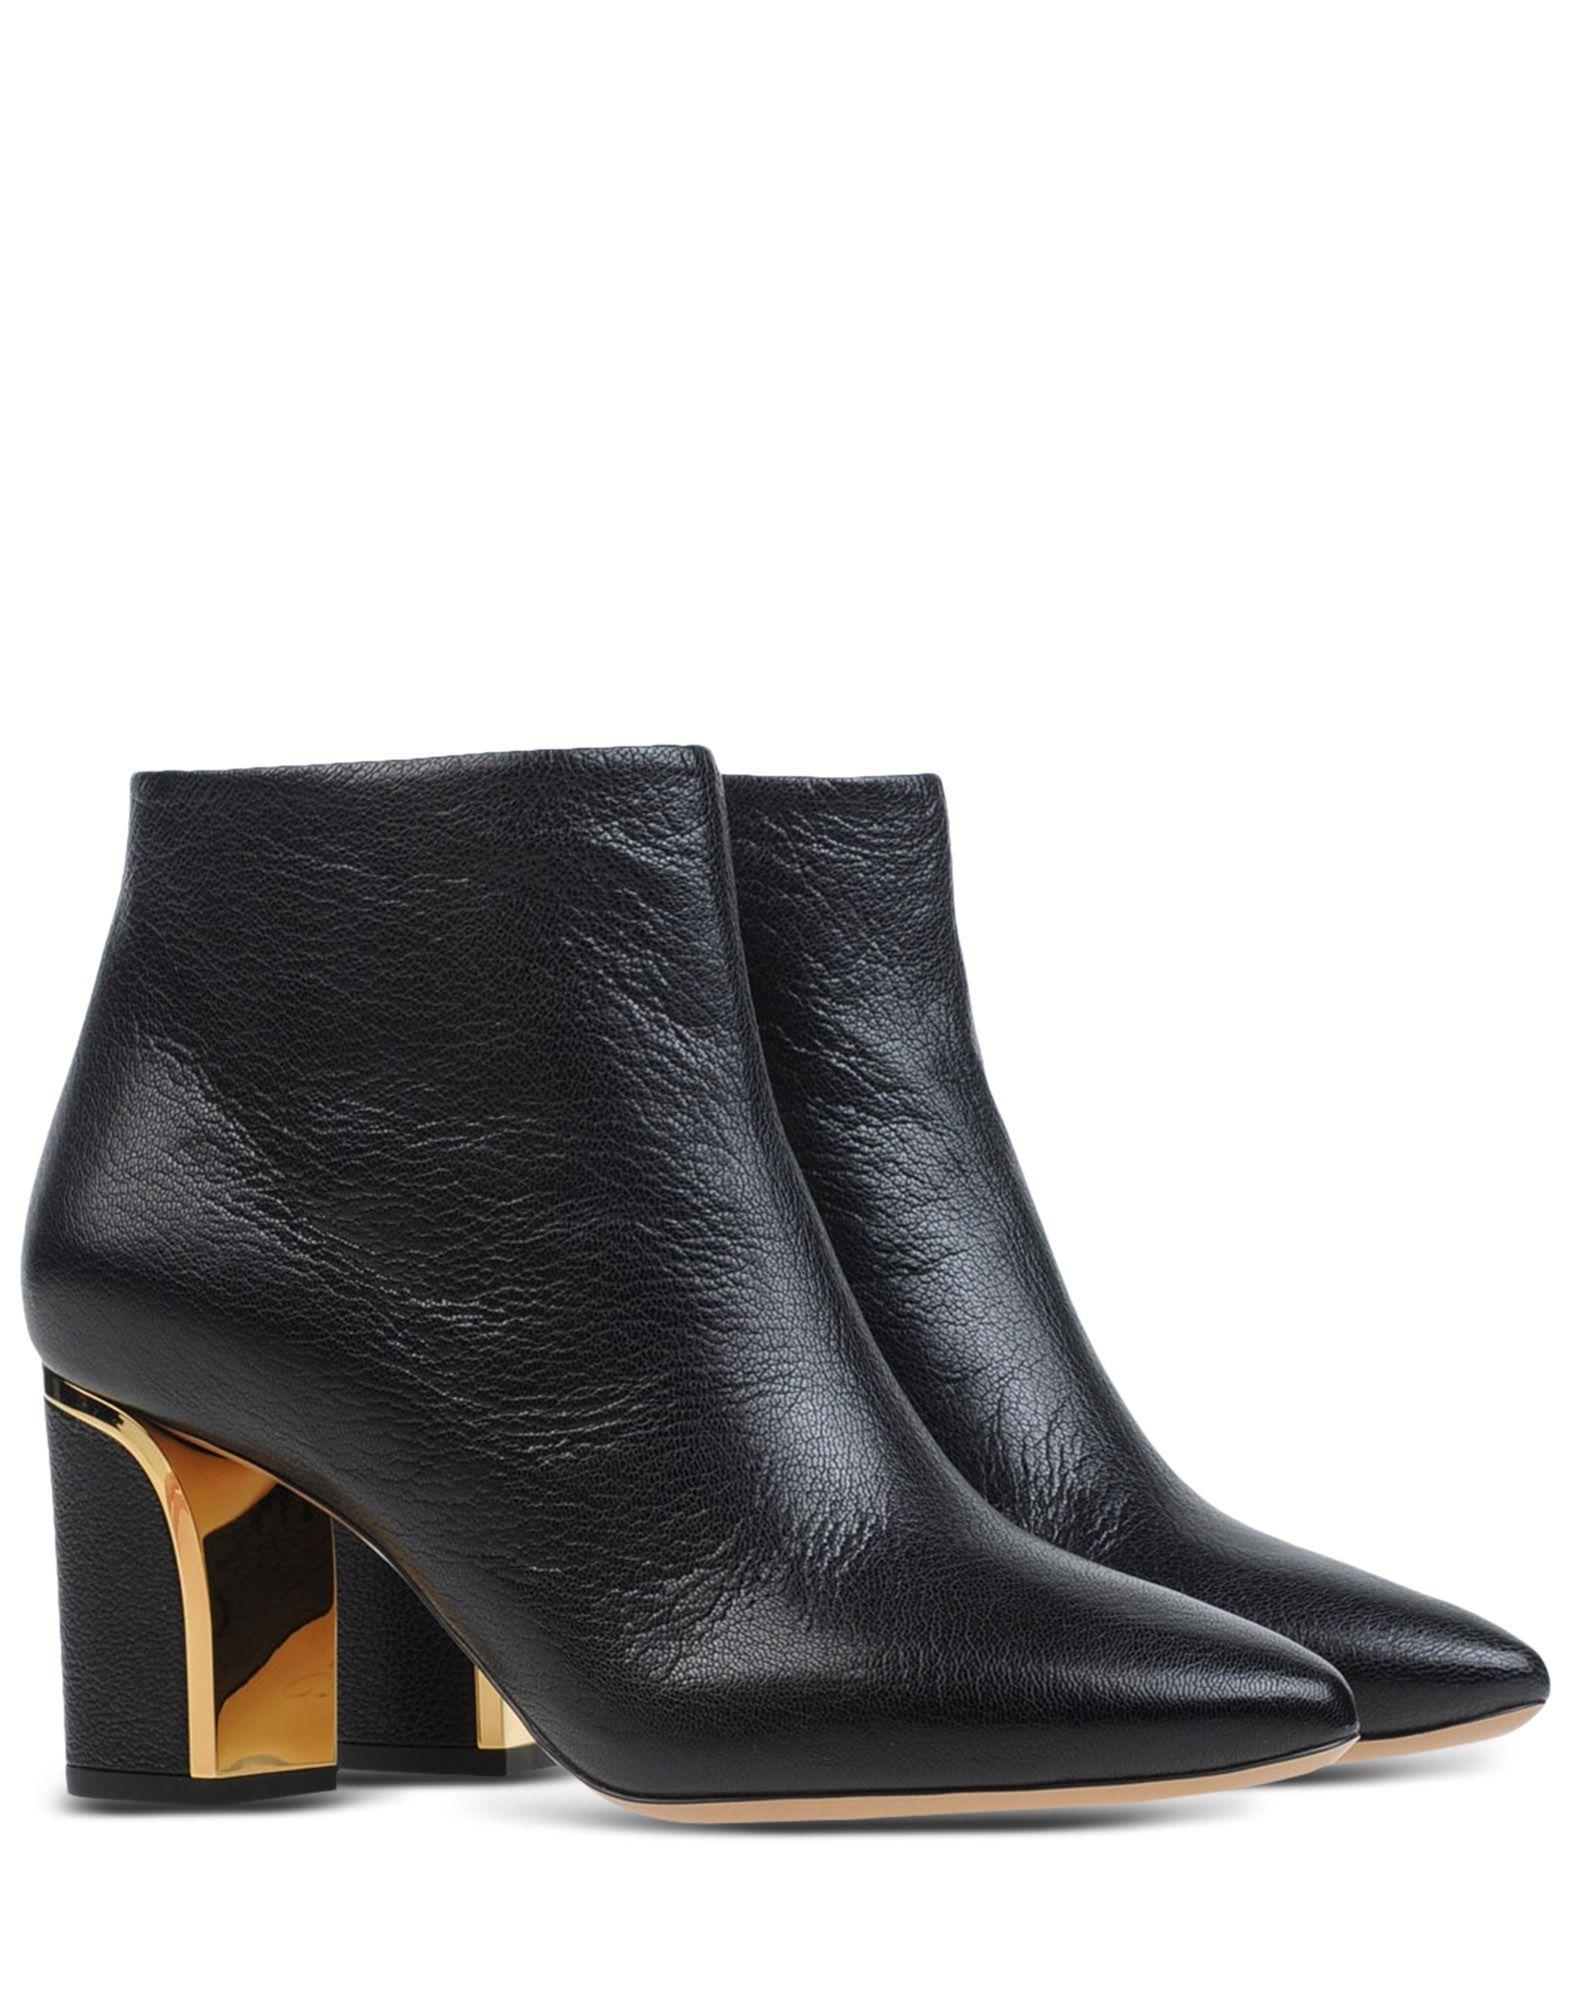 chlo goatskin ankle boots in black lyst. Black Bedroom Furniture Sets. Home Design Ideas